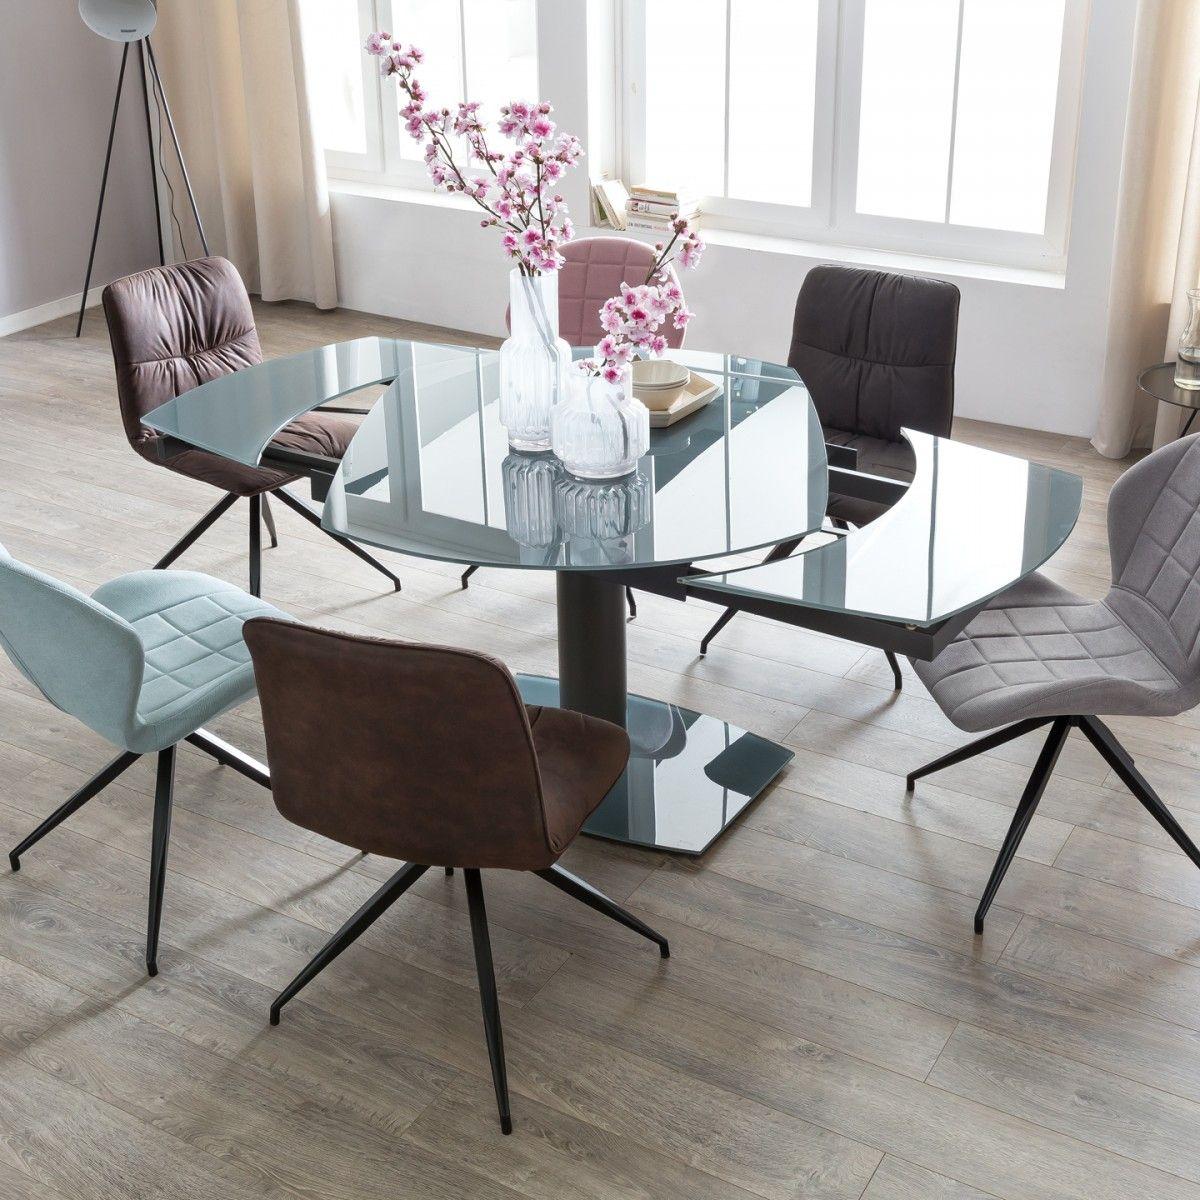 Wohnling Glastisch Noble Ausziehbar Oval Wl5 130 Aus Sicherheitsglas Und Metall Esszimmertisch Kuche Auszie Esstisch Glas Ausziehbar Esszimmertisch Esstisch